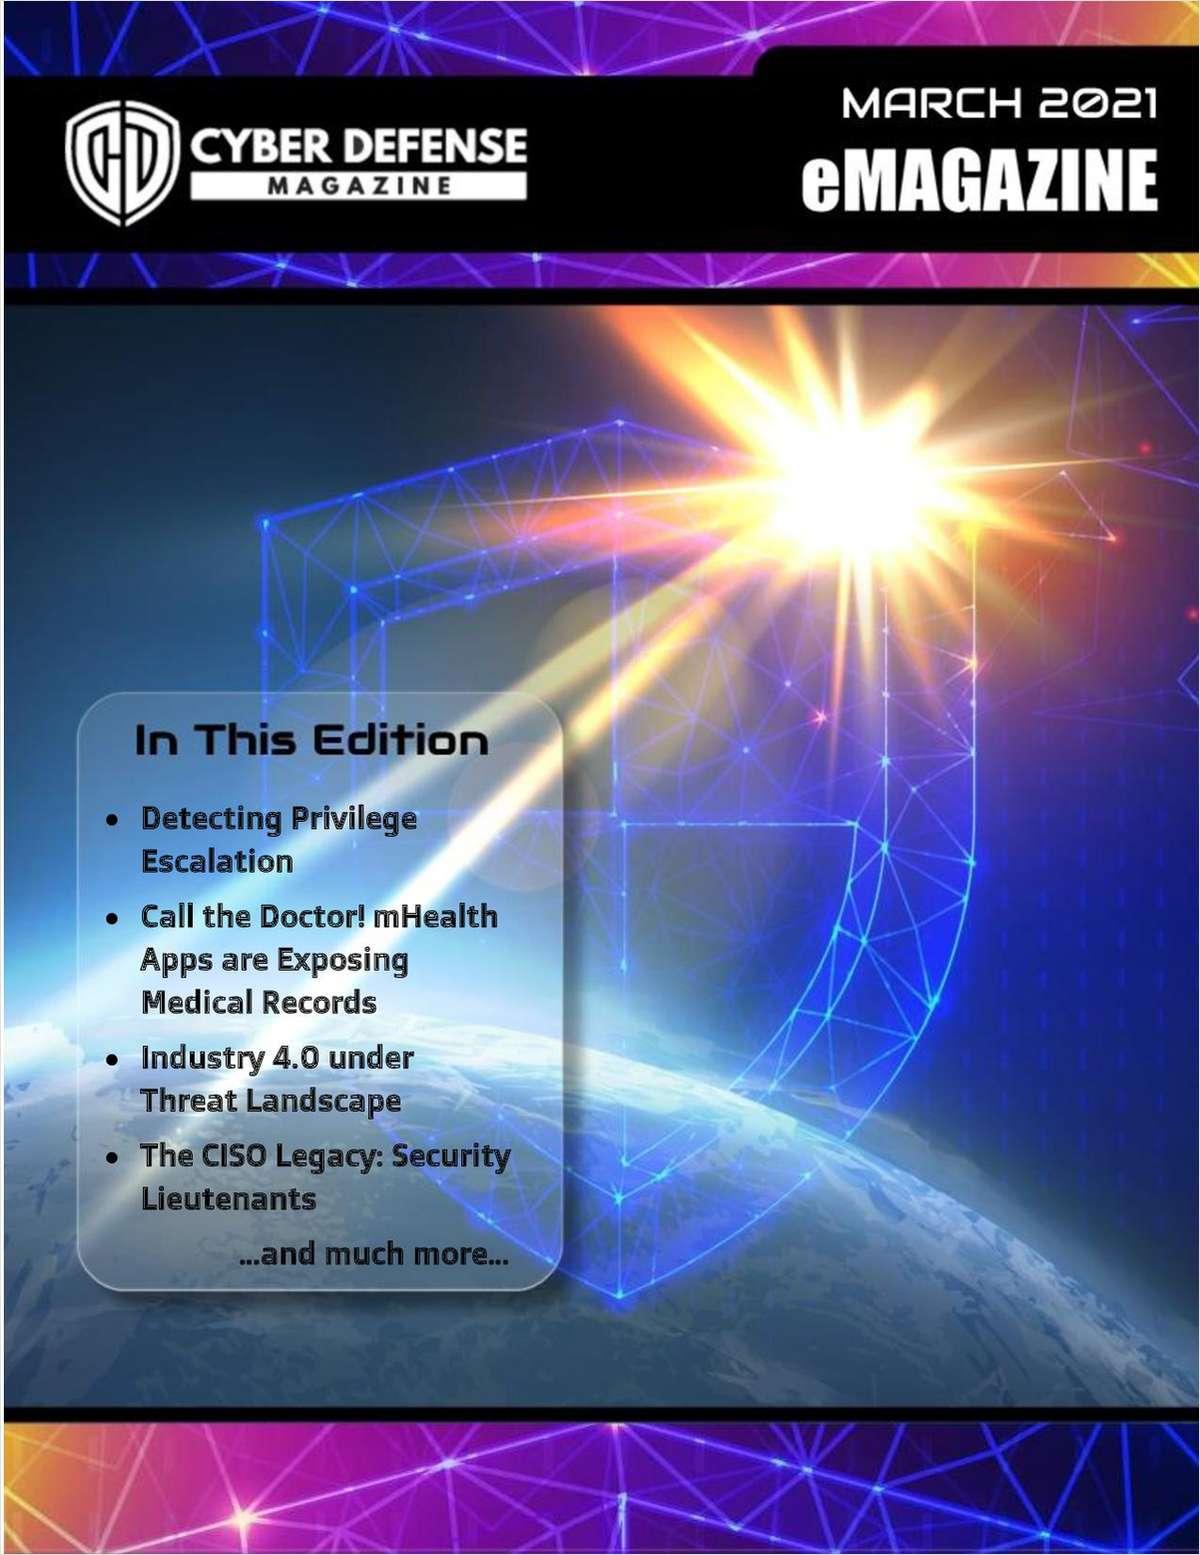 Cyber Defense Magazine March 2021 Edition